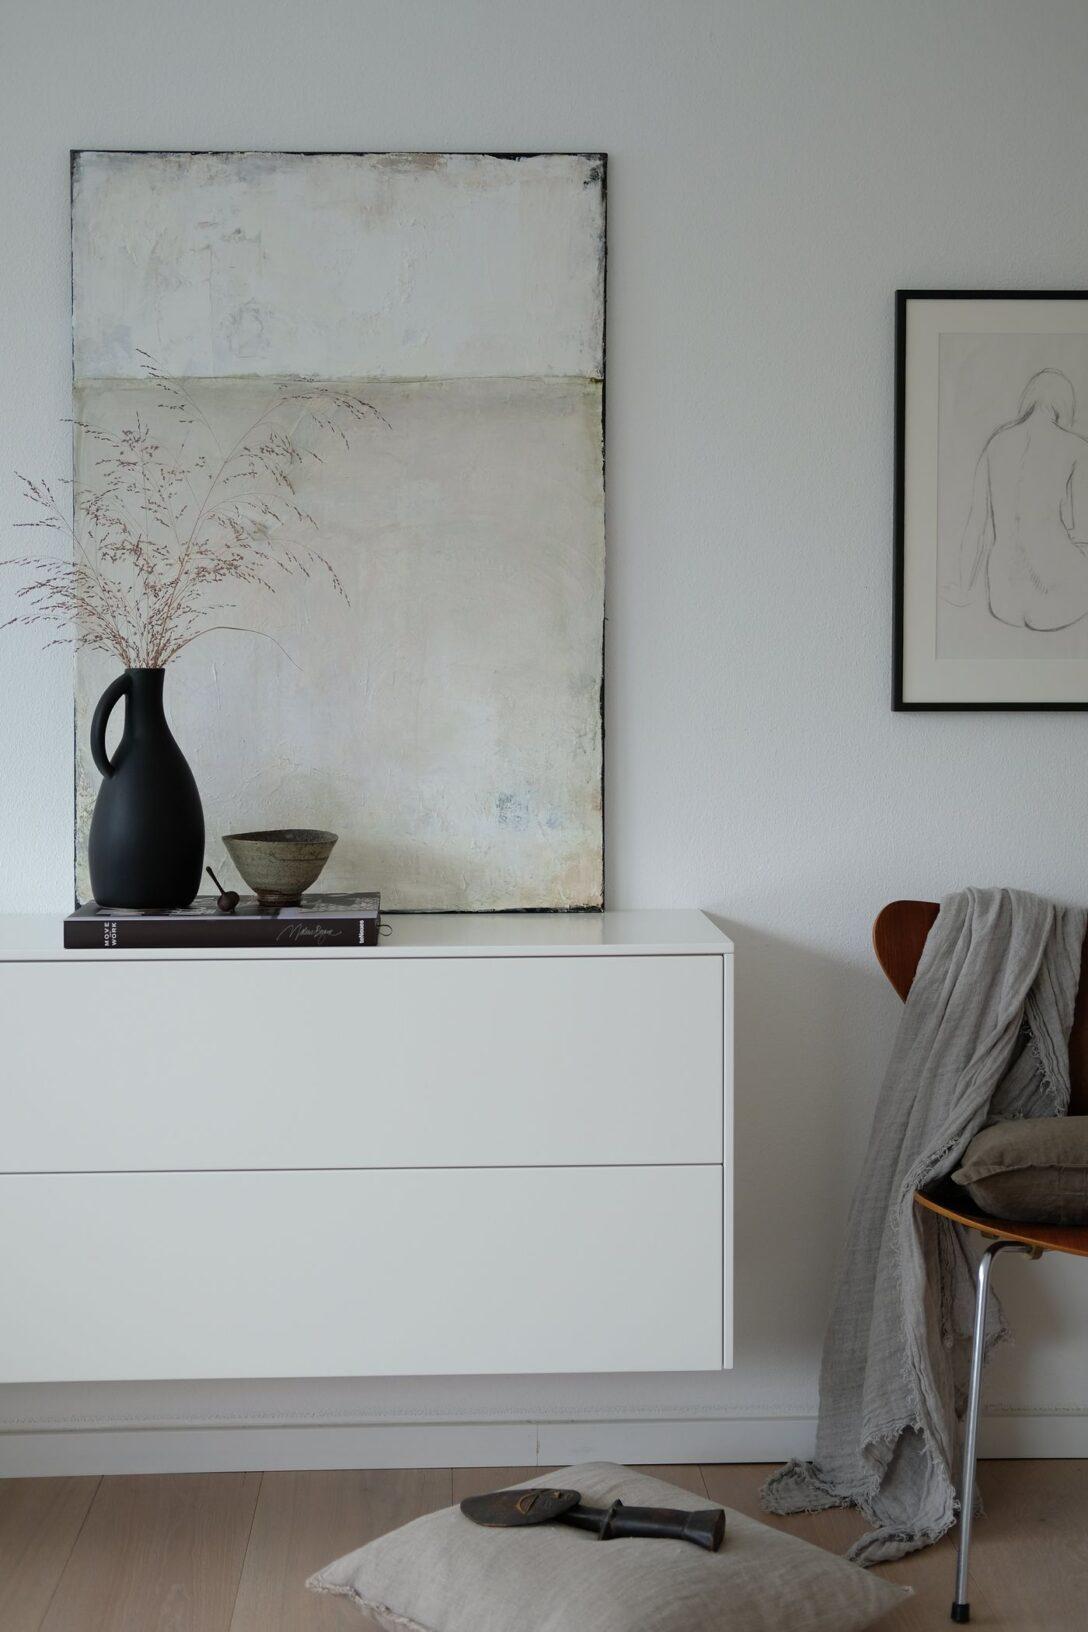 Large Size of Küche Sideboard Mit Arbeitsplatte Deko Badezimmer Wohnzimmer Dekoration Wanddeko Schlafzimmer Für Wohnzimmer Deko Sideboard